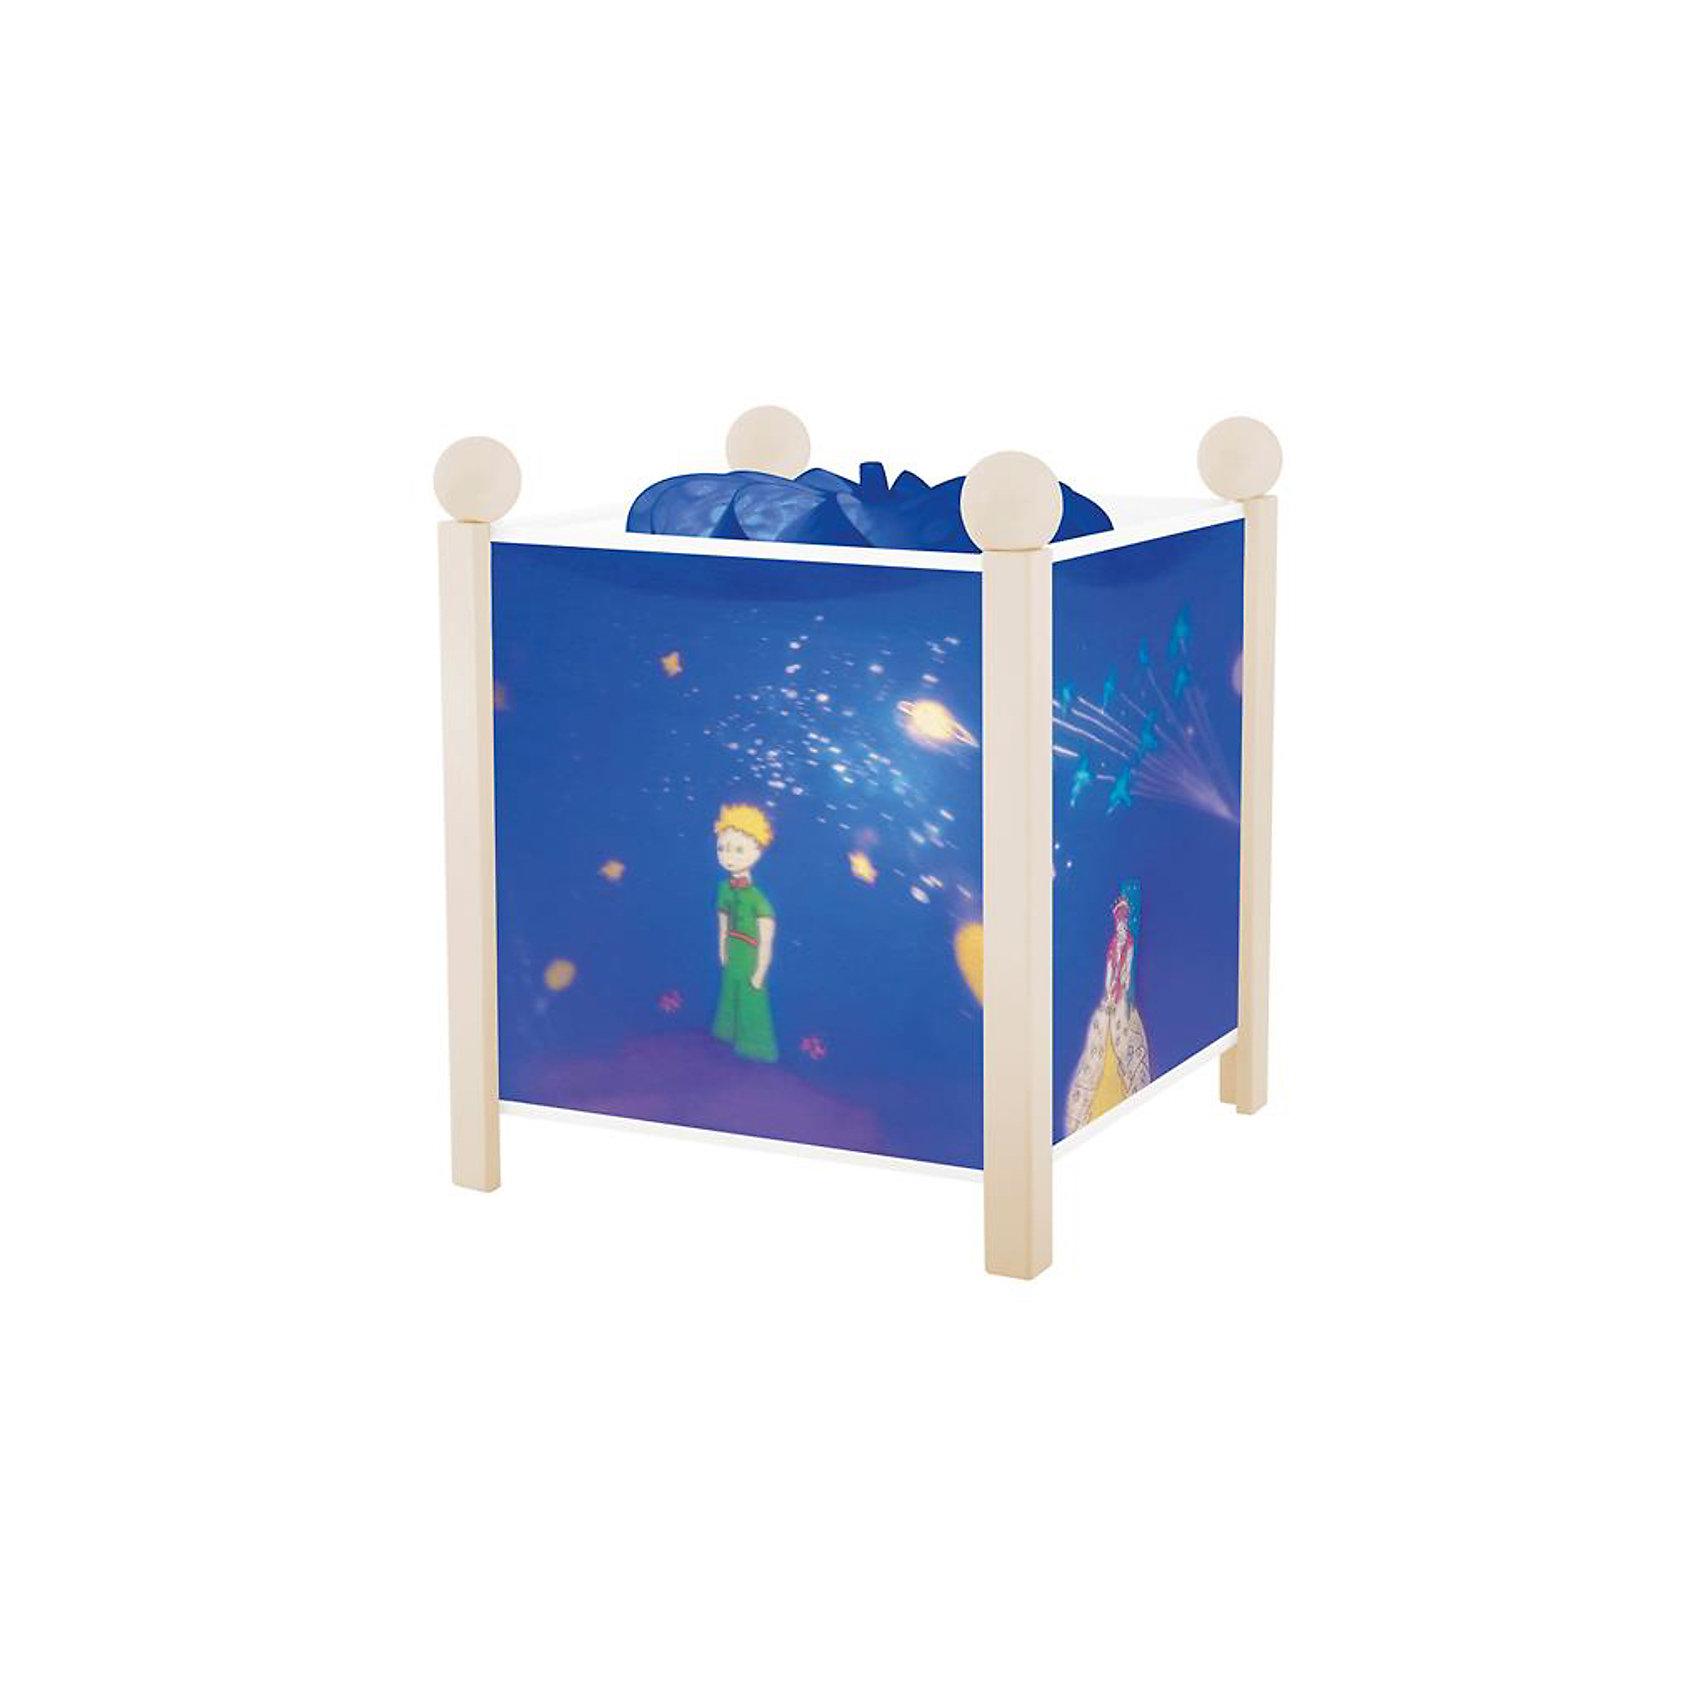 Светильник-ночник Маленький принц, 12V, TrousselierЛампы, ночники, фонарики<br>Классический Светильник-ночник в форме куба, серия Маленький принц, 12V, Trousselier (Трусалье) с вращающейся картинкой внутри, поможет малышу заснуть и создаст уютную атмосферу в детской. <br><br>У детского светильника Трусалье две функции, одна из которых заключается в мягком освещении комнаты. При этом распространяемый нагретой лампой свет заставляет вращаться цилиндр. Вращение цилиндра в свою очередь вызывает подвижность нарисованных забавных картинок. В результате на корпусе ночника начинают меняться яркие веселые картинки. Серию Маленький принц отличают изысканные бело-голубые тона и изображения известных литературных героев Экзюпери - такой ночник идеально впишется в интерьер любой детской комнаты. Ночник упакован в праздничную коробку, что дает возможность преподнести его в качестве подарка на праздник.<br><br>Дополнительная информация:<br><br>-Материалы: металл, дерево, жароустойчивый пластик<br>-Размер: 16,5x16,5x19 см<br><br>Оригинальный светильник создаст по-настоящему сказочную атмосферу в детской, и позволит крохе быстро успокоиться и спокойно заснуть.<br><br>Светильник-ночник в форме куба, серия Маленький принц, 12V, Trousselier (Трусалье) можно купит в нашем магазине.<br><br>Ширина мм: 161<br>Глубина мм: 161<br>Высота мм: 190<br>Вес г: 912<br>Возраст от месяцев: 36<br>Возраст до месяцев: 144<br>Пол: Унисекс<br>Возраст: Детский<br>SKU: 3620645